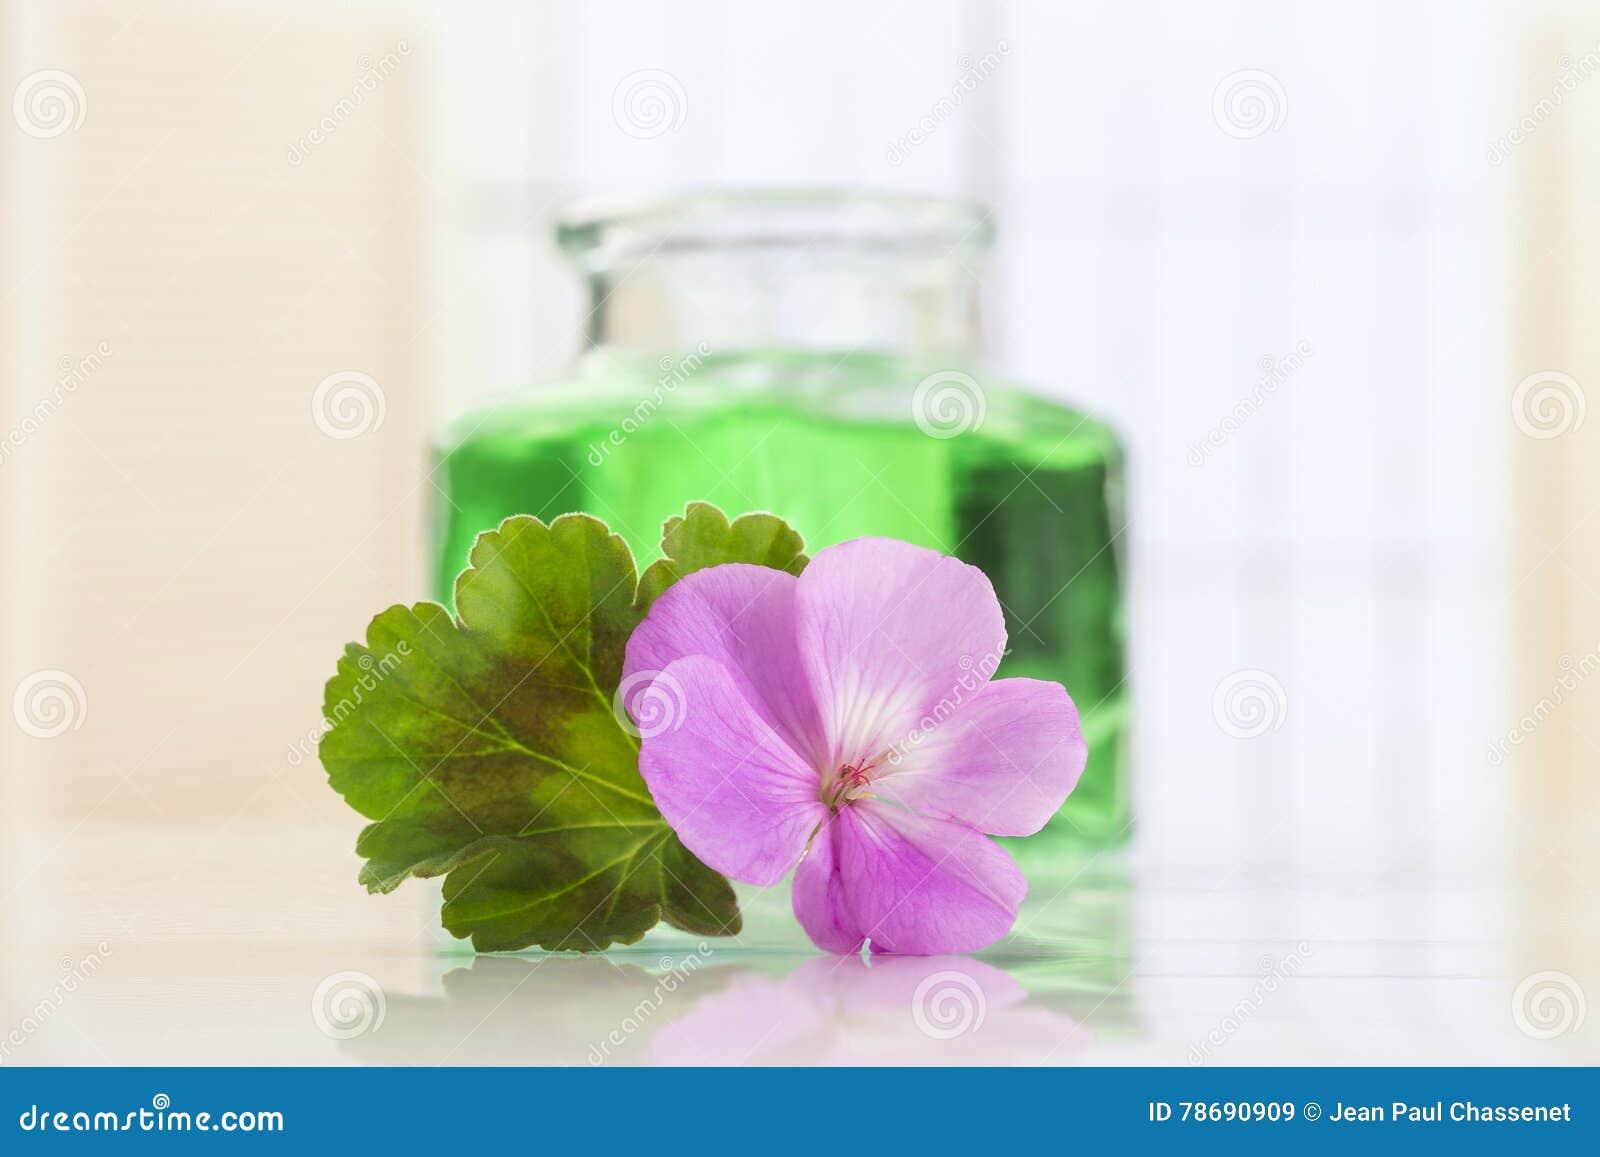 Essence de géranium essentielle en bouteille et fleurs